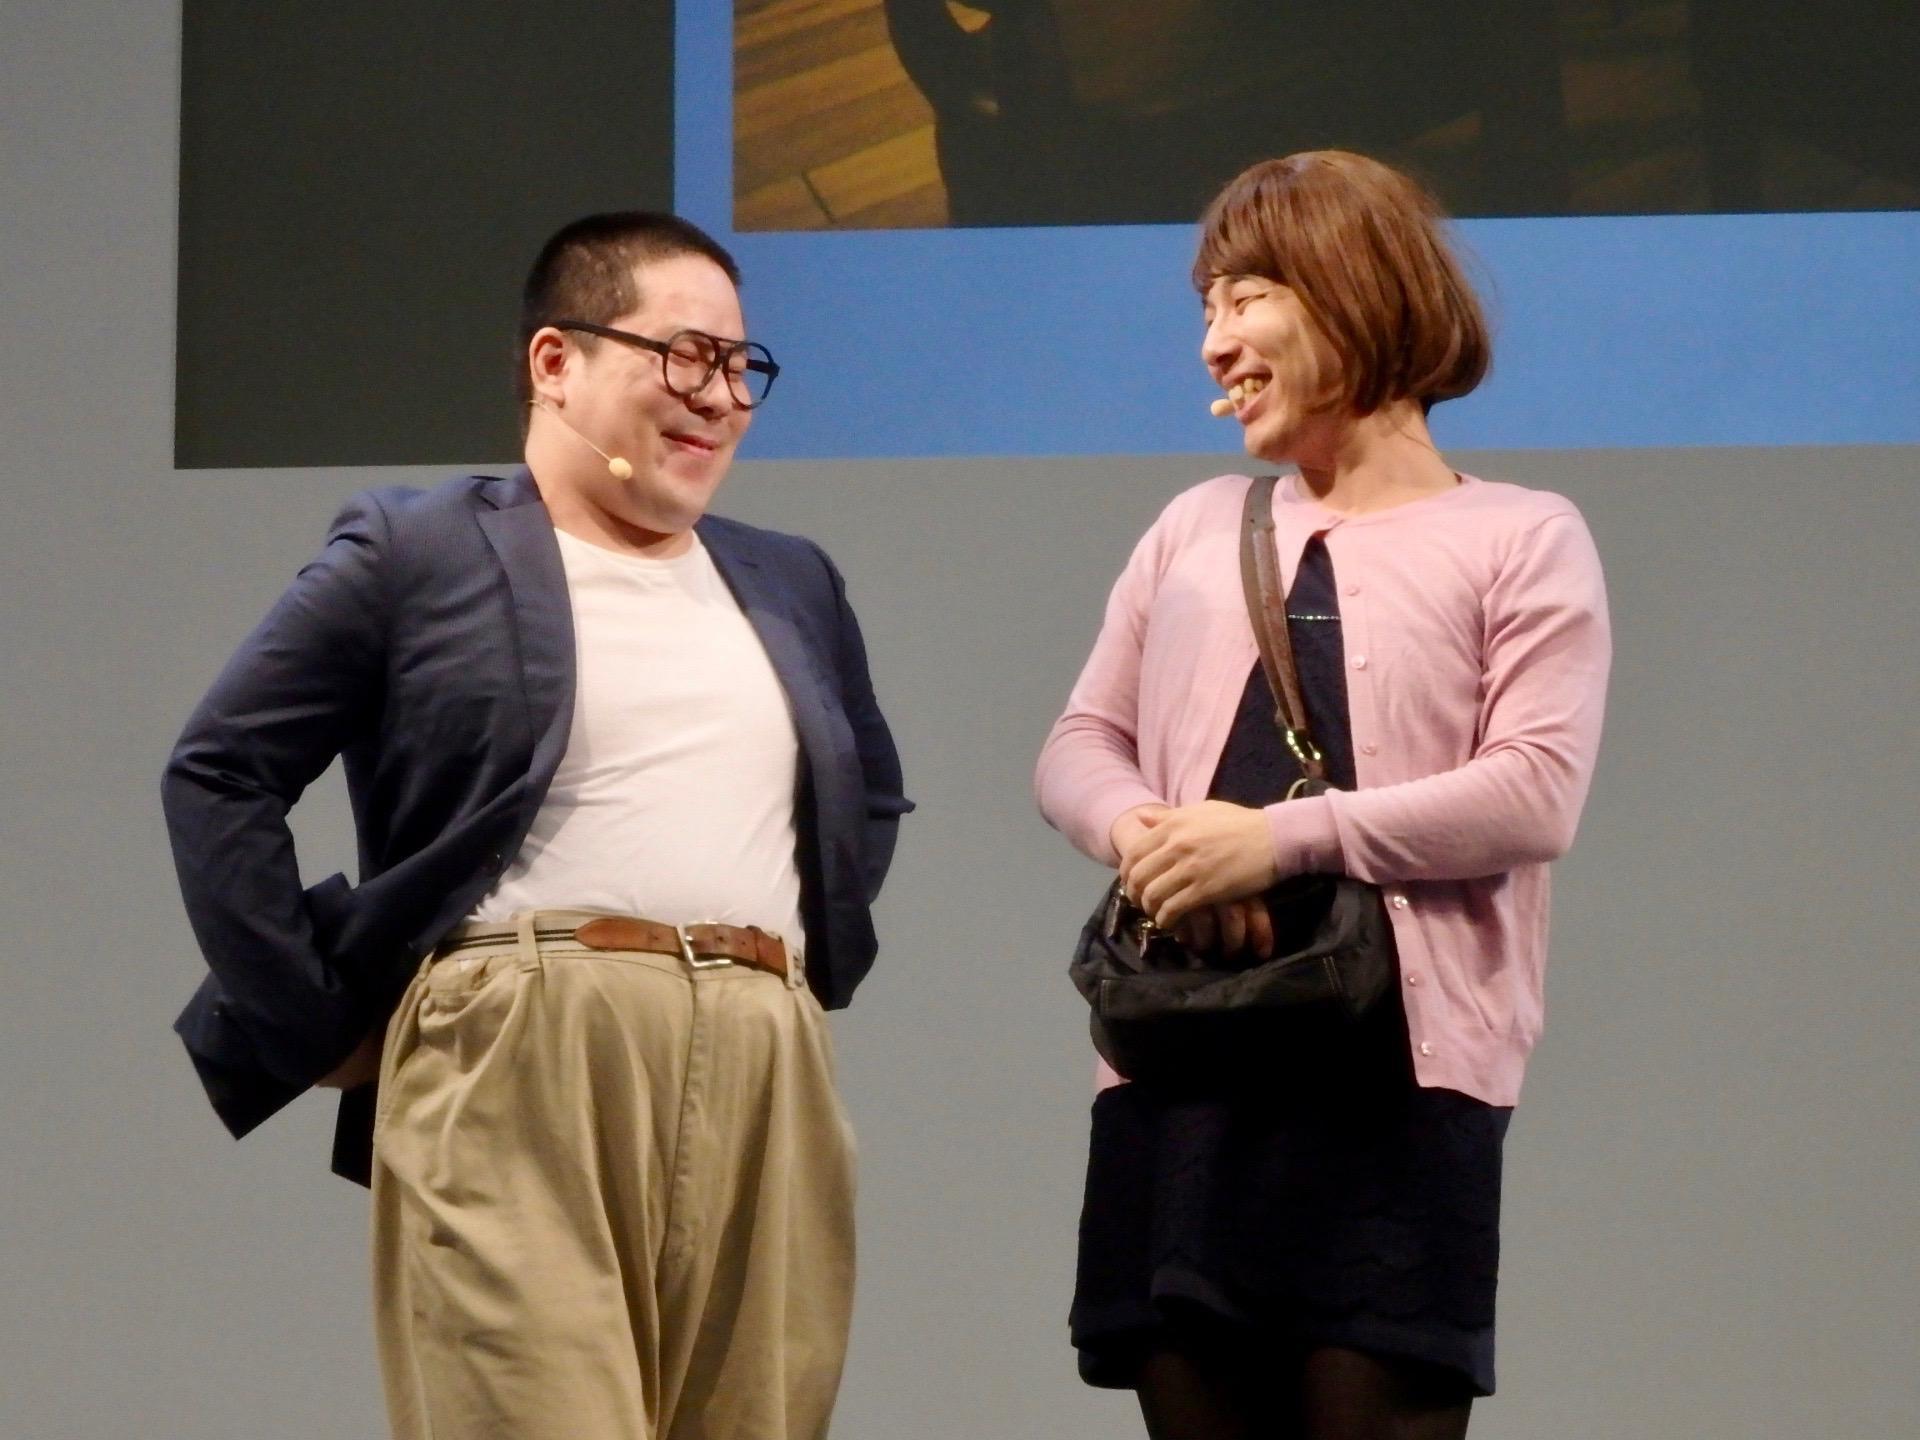 http://news.yoshimoto.co.jp/20180923160325-222ee1130d3b5097cc5d1964b65a88570d67b9b3.jpg